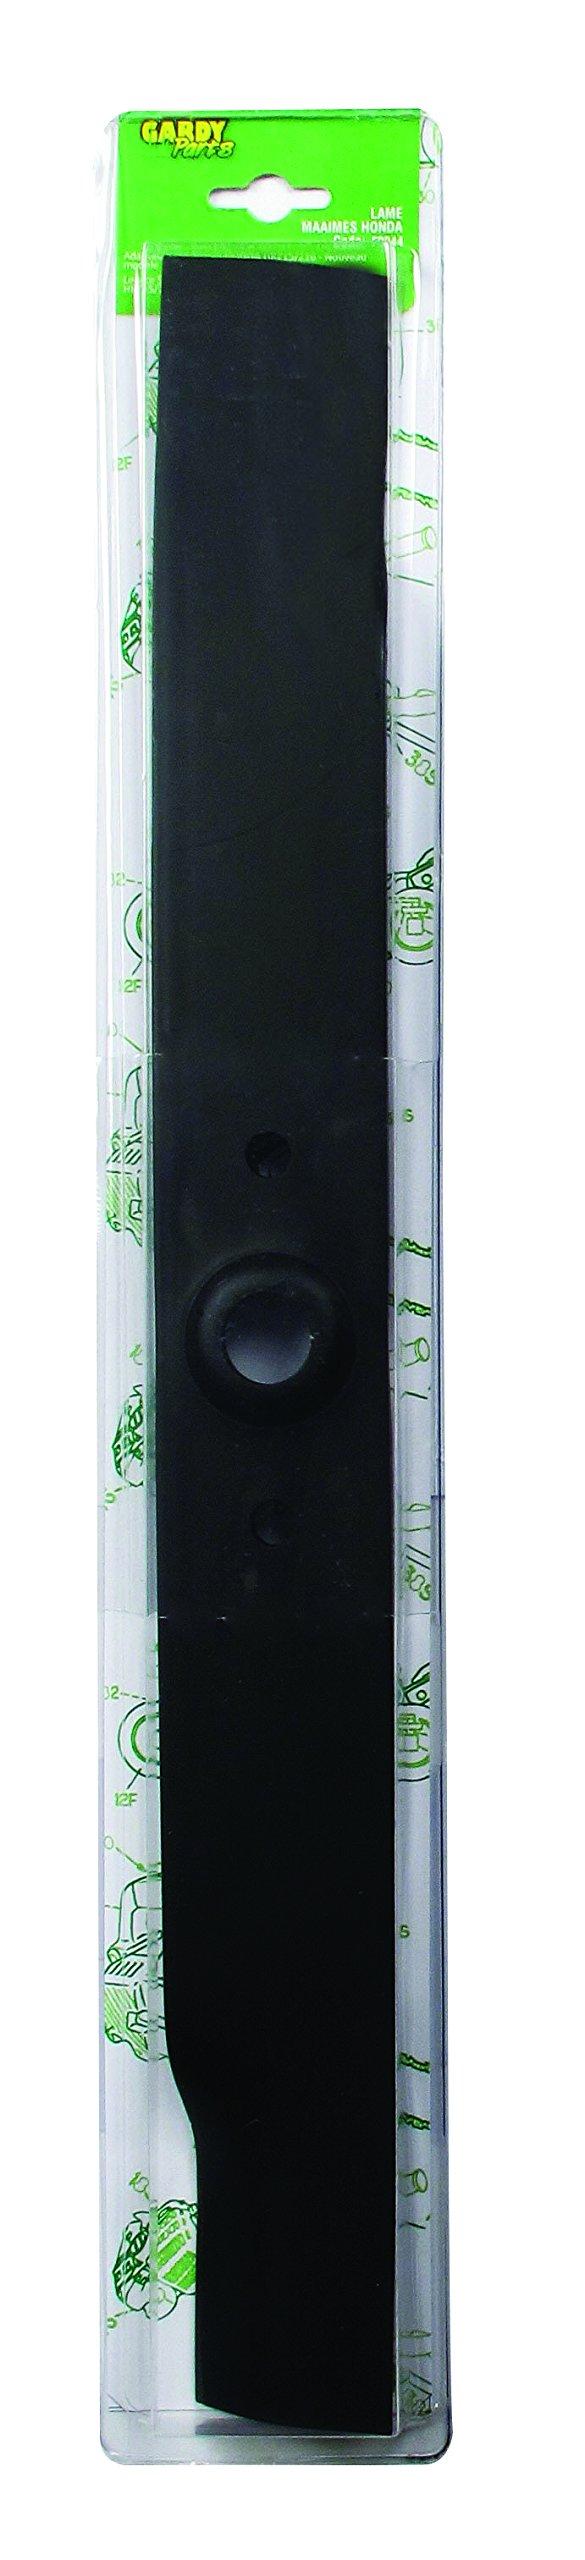 GREENSTAR-12580-Ersatzmesser-1103545